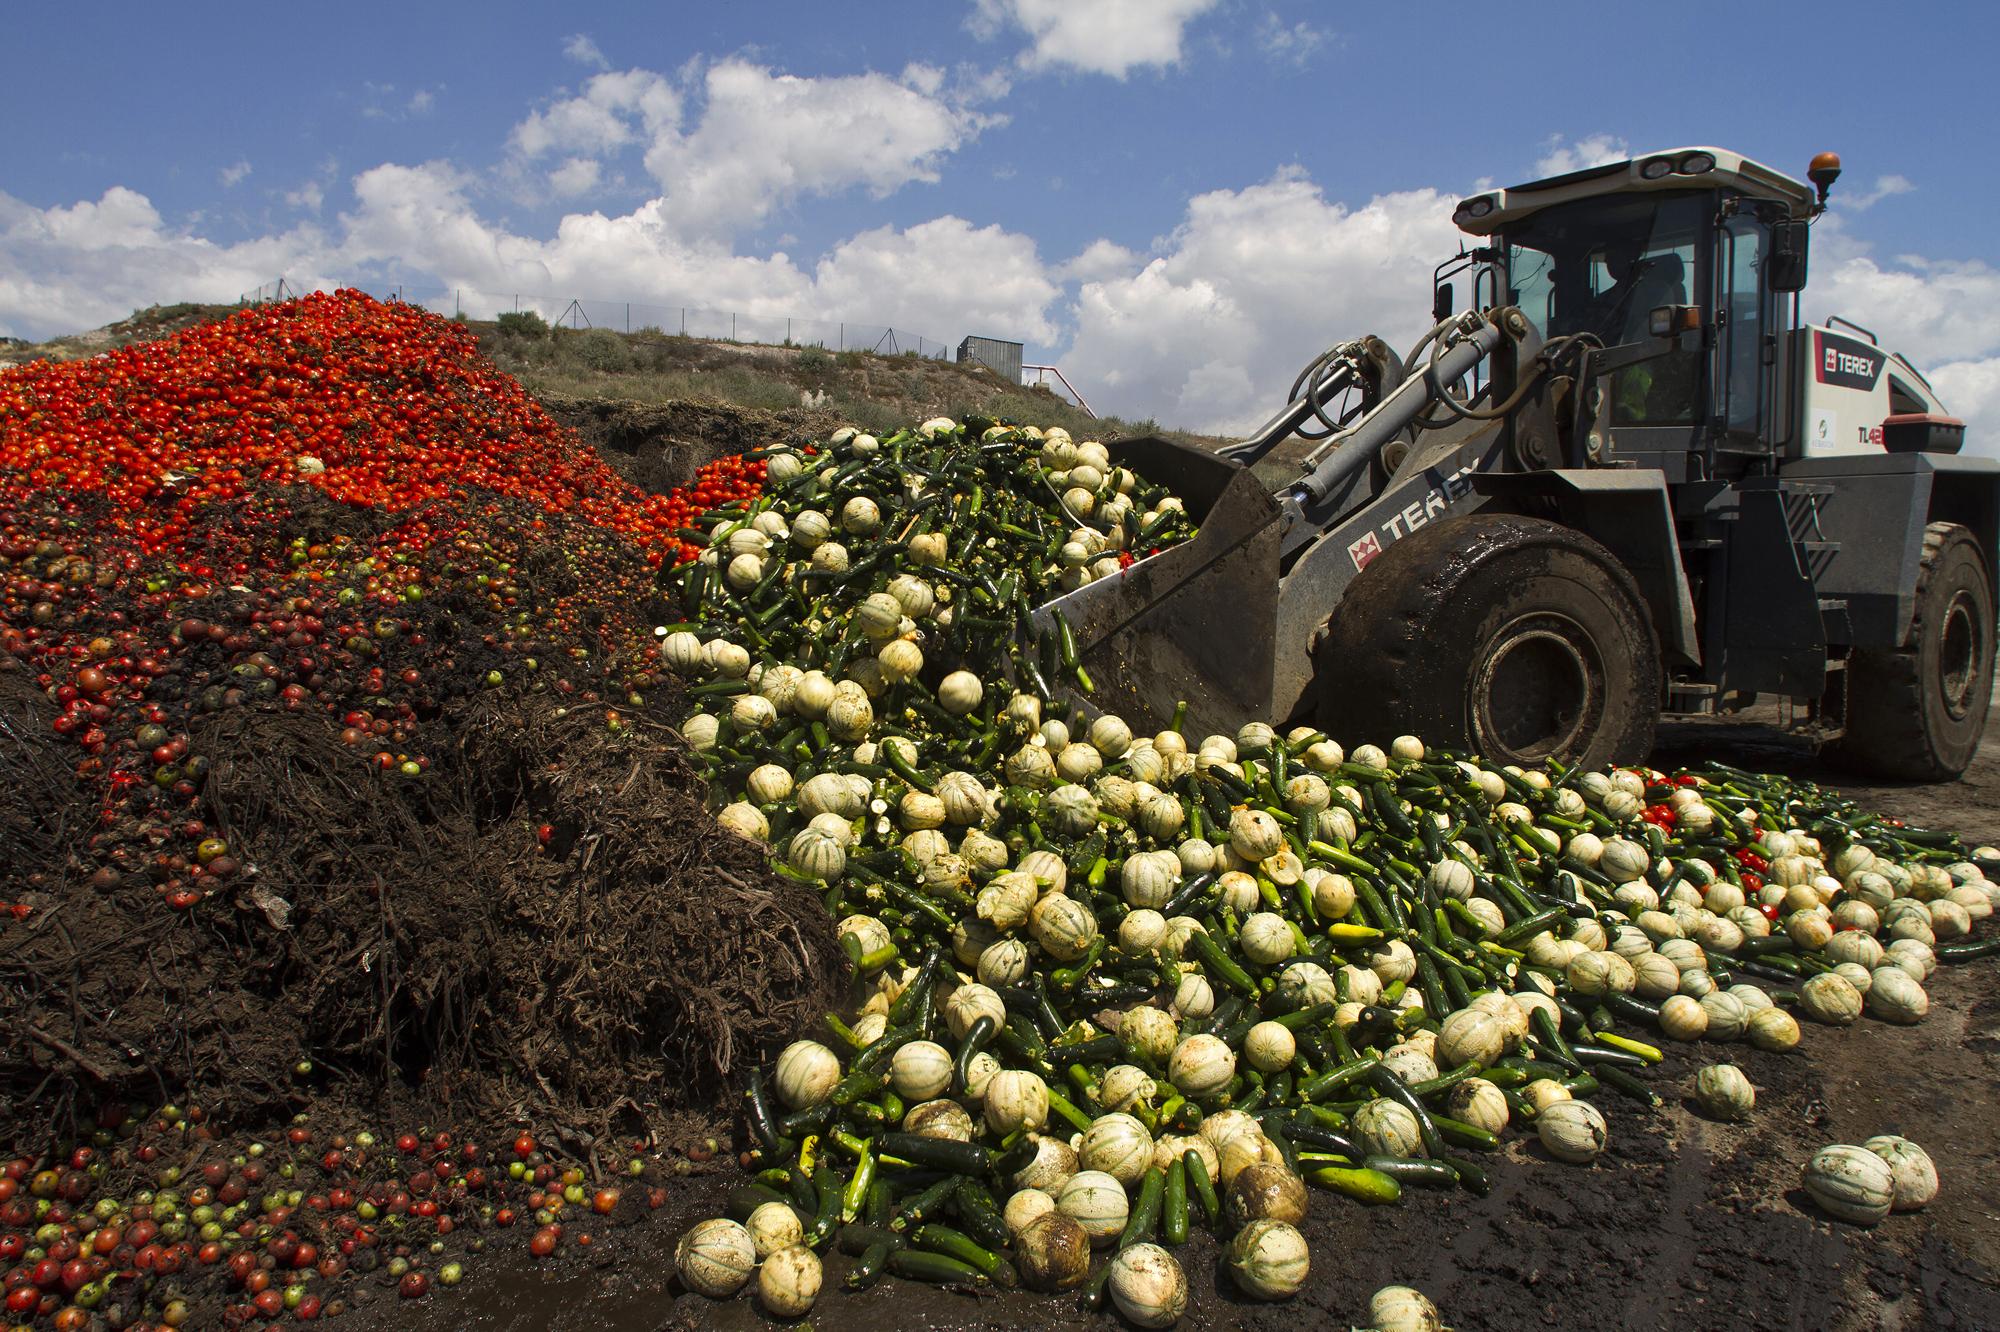 Gaspillage alimentaire : un problème global